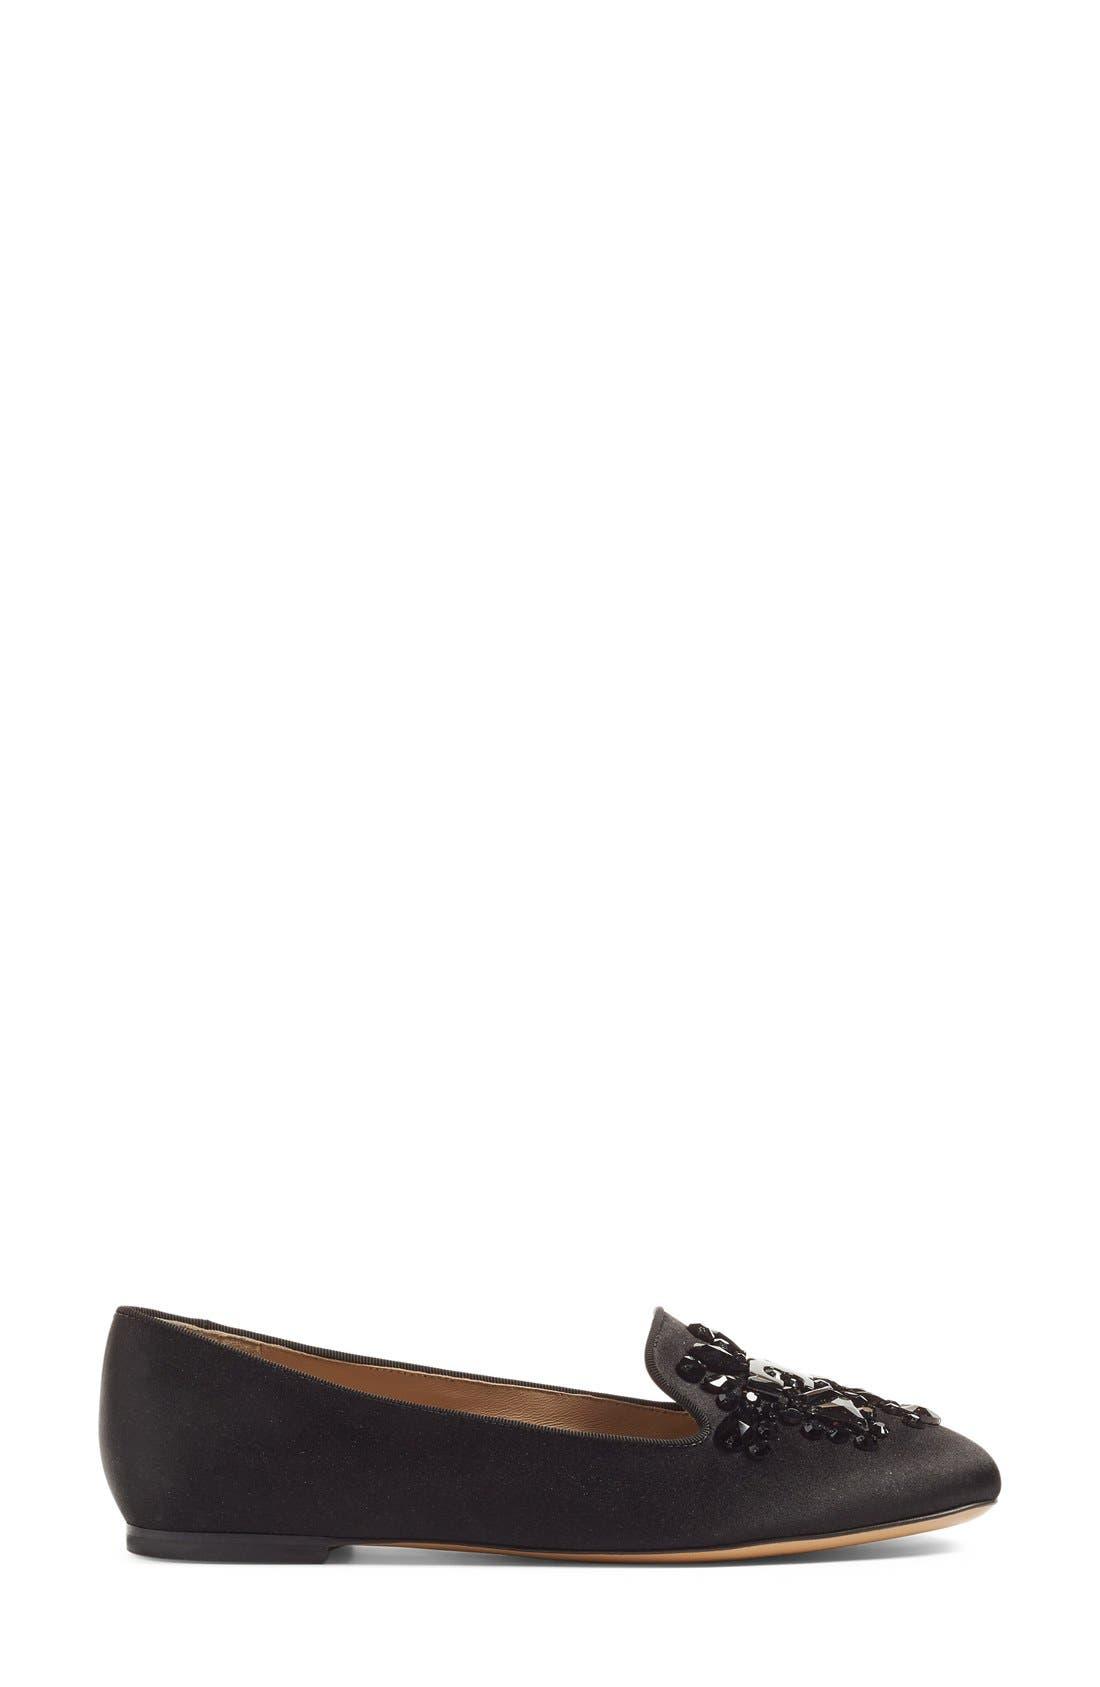 'Delphine' Embellished Loafer,                             Alternate thumbnail 4, color,                             001